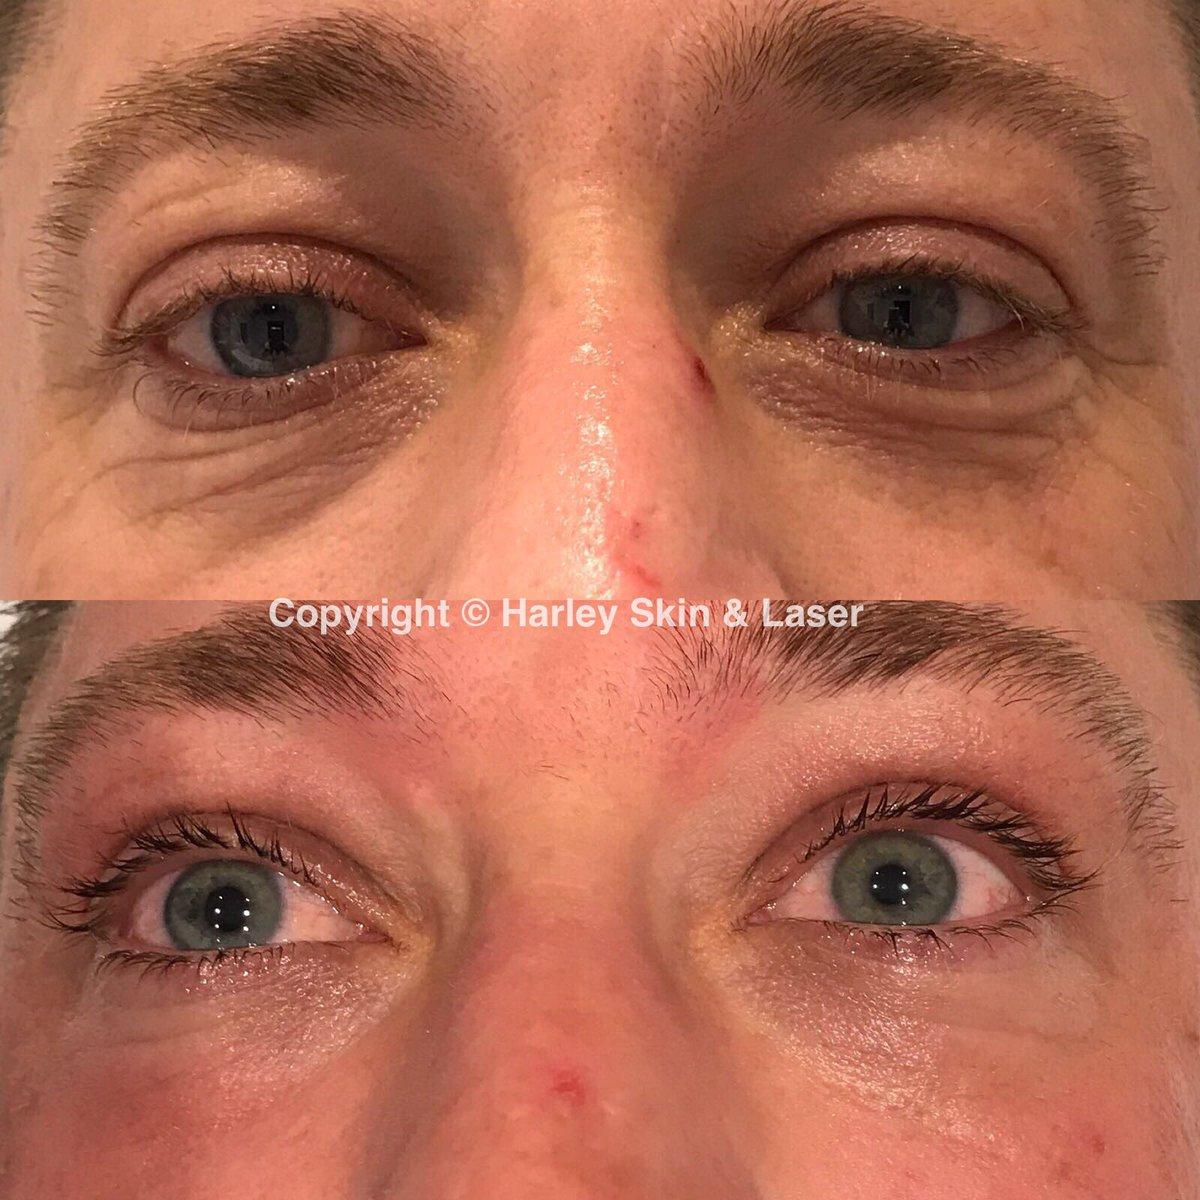 harley skin and laser